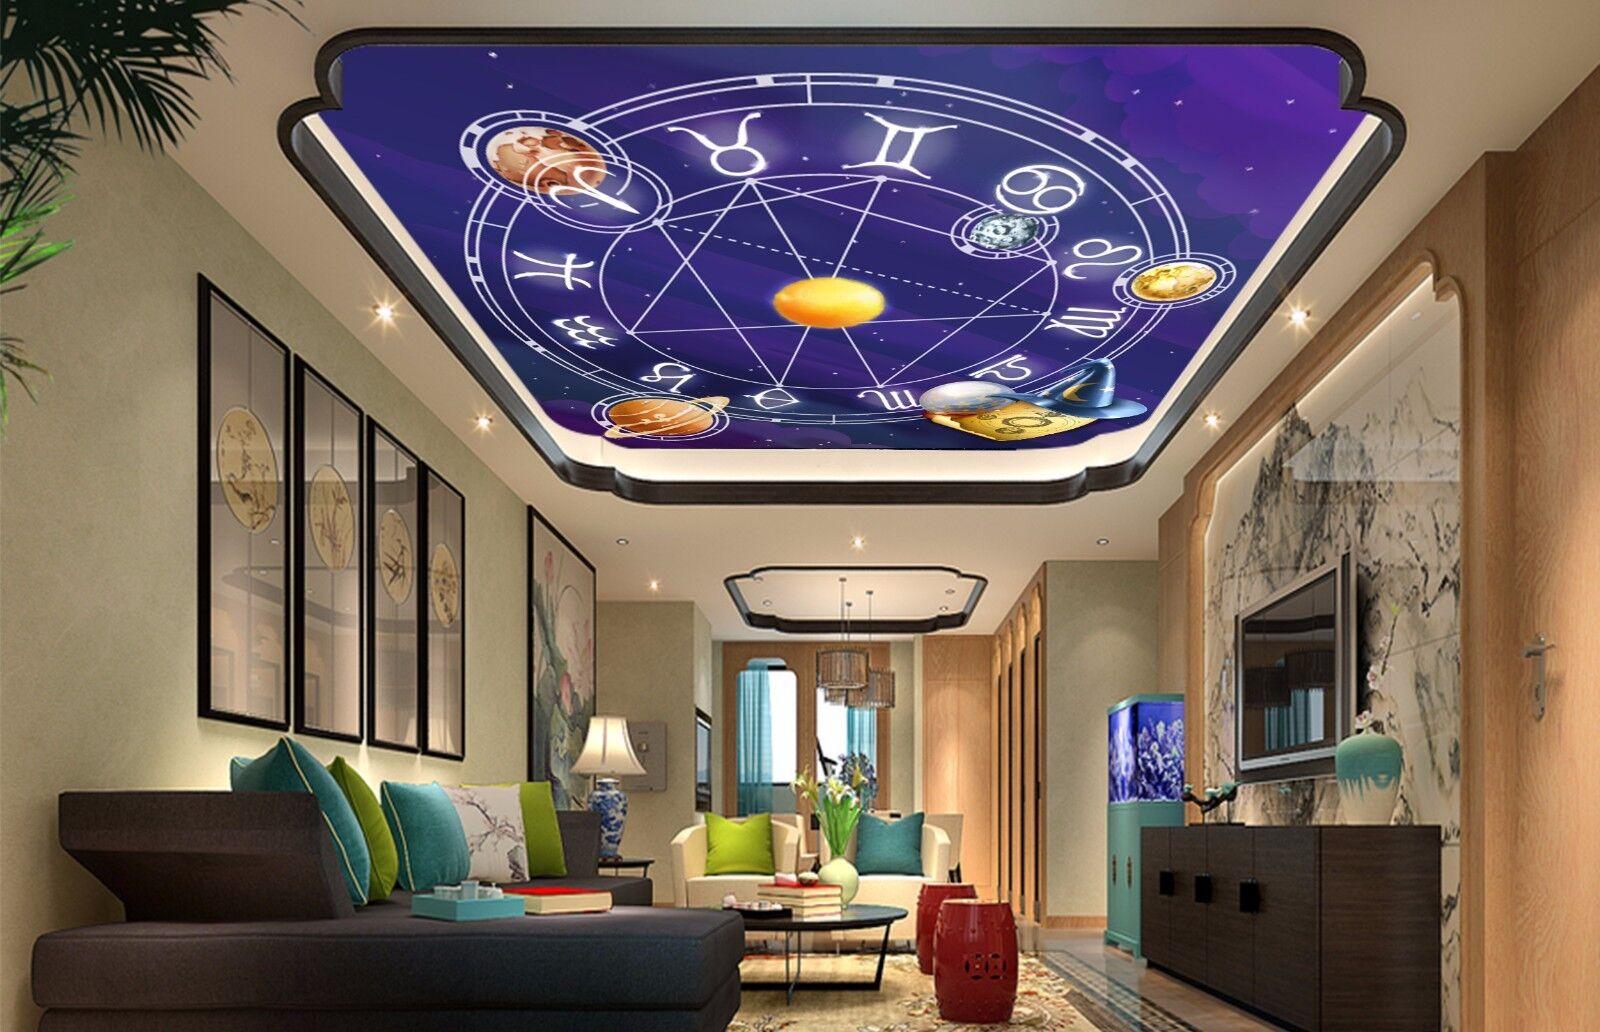 3D Literature 953 Ceiling WallPaper Murals Wall Print Decal Deco AJ WALLPAPER GB